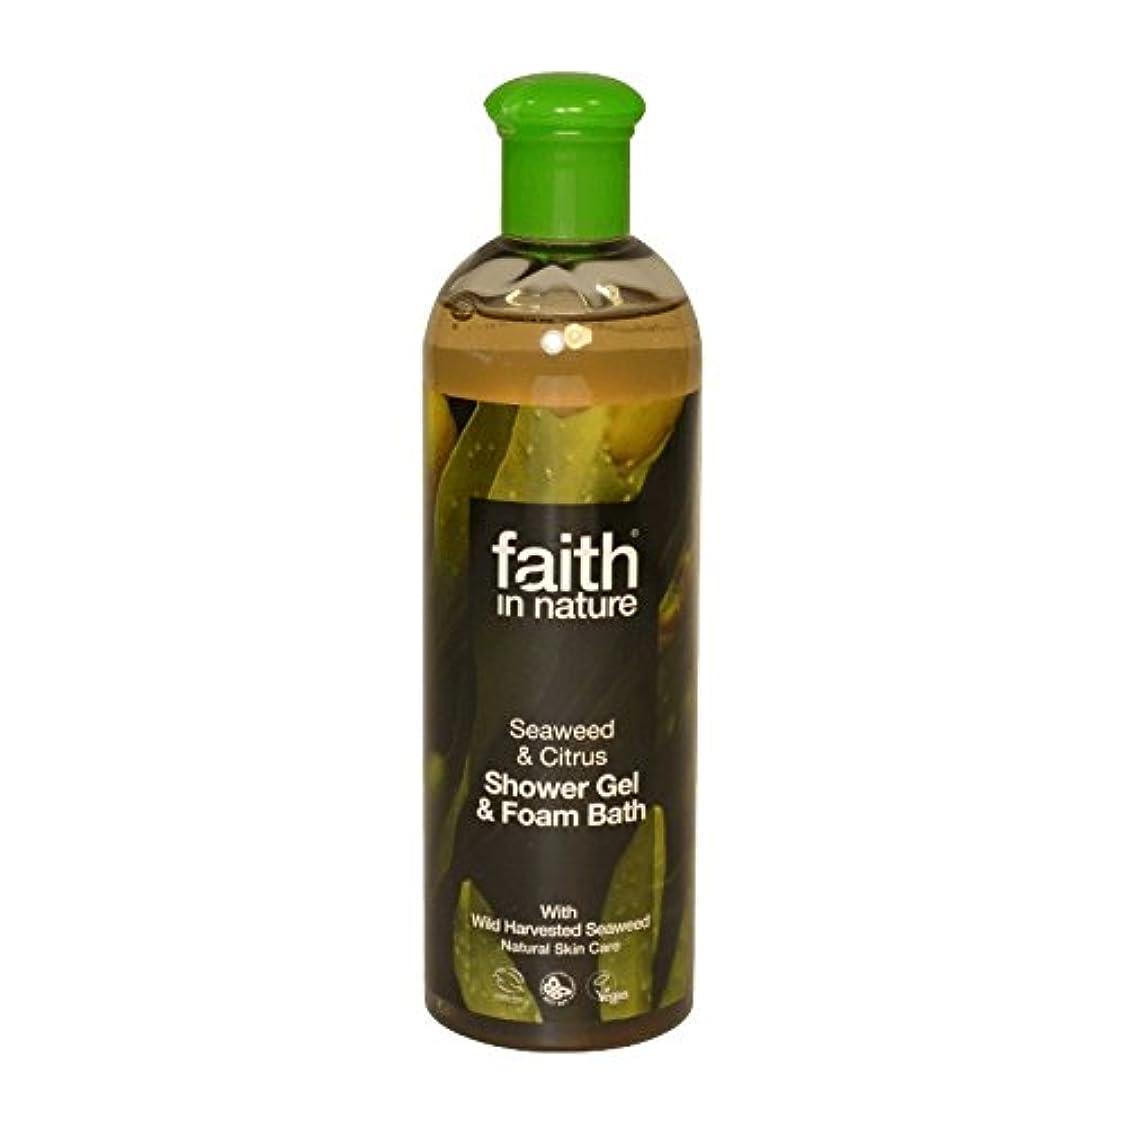 保守可能扇動負荷Faith in Nature Seaweed & Citrus Shower Gel & Bath Foam 400ml (Pack of 2) - 自然の海藻&シトラスシャワージェル&バス泡400ミリリットルの信仰...